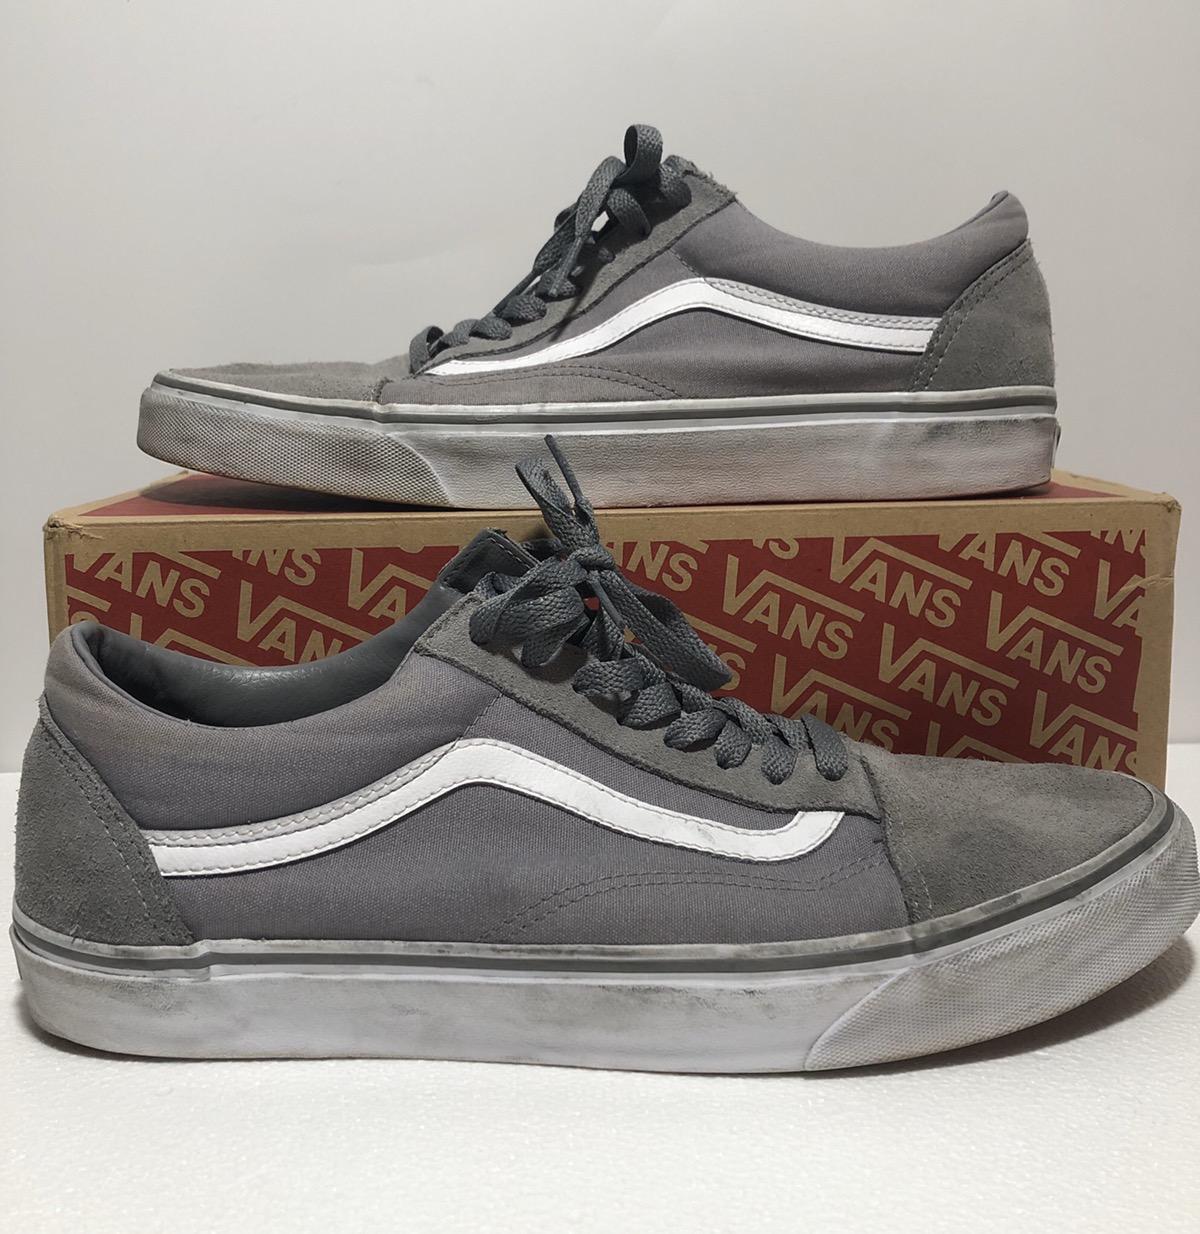 vans old skool frost grey